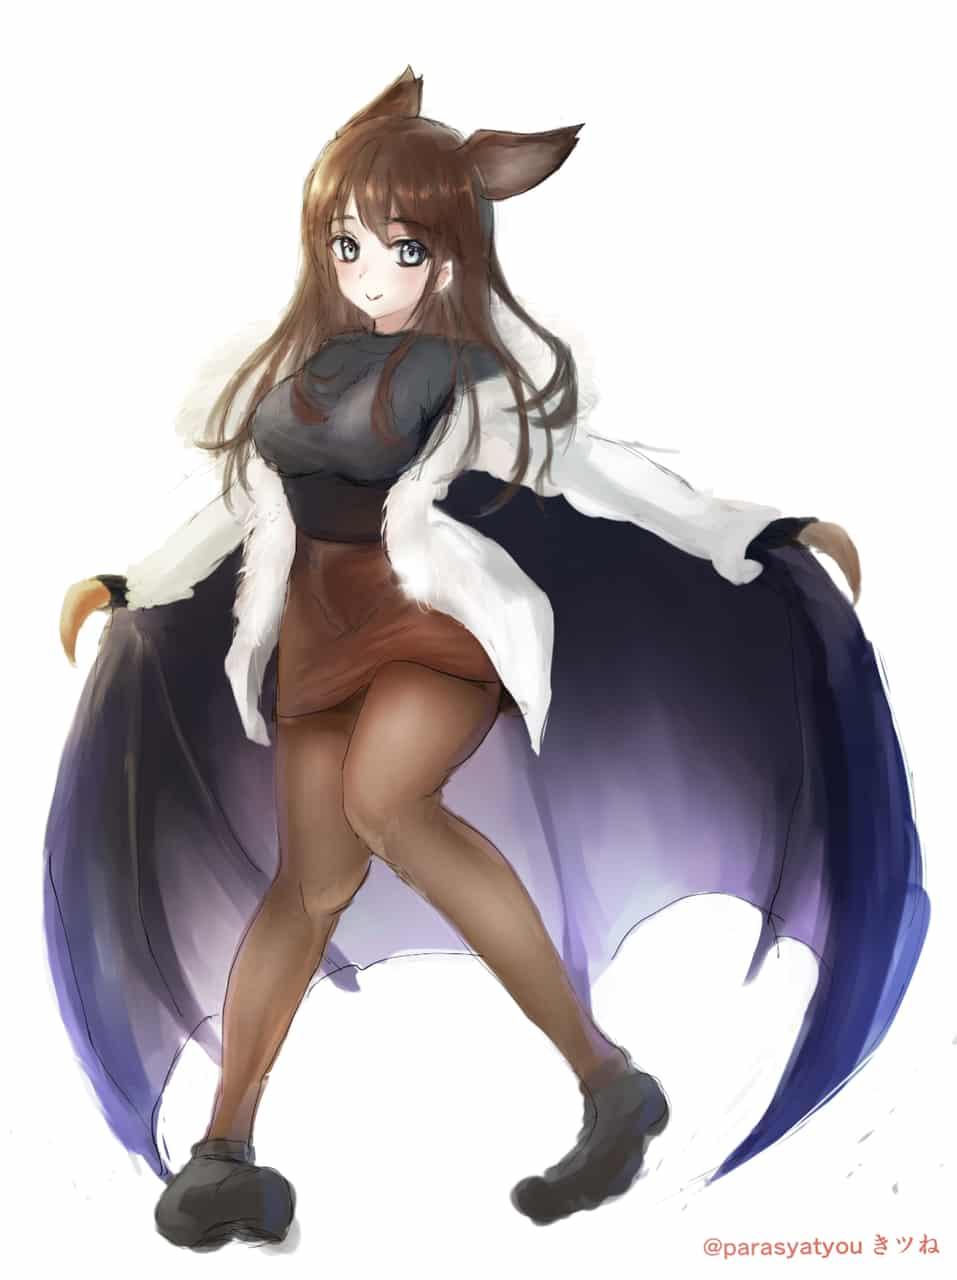 コウモリ擬人化 girl waifu Illust of きツね original girl 異種族 太もも おっぱい タイツ コロナ 獣